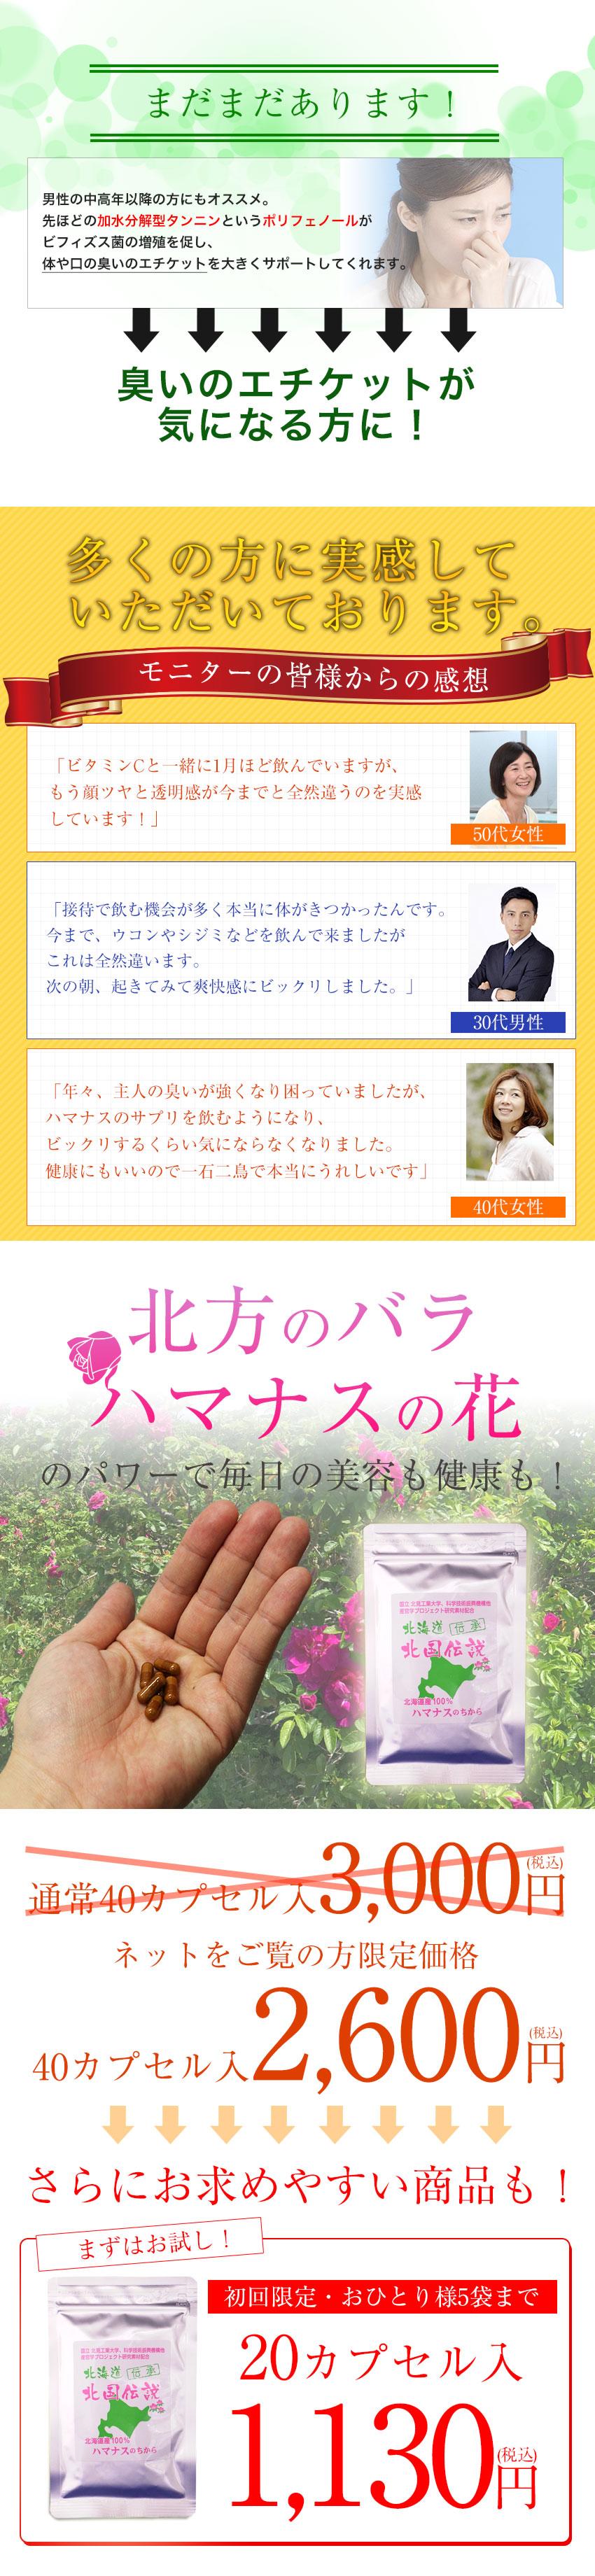 北海道 北国伝説